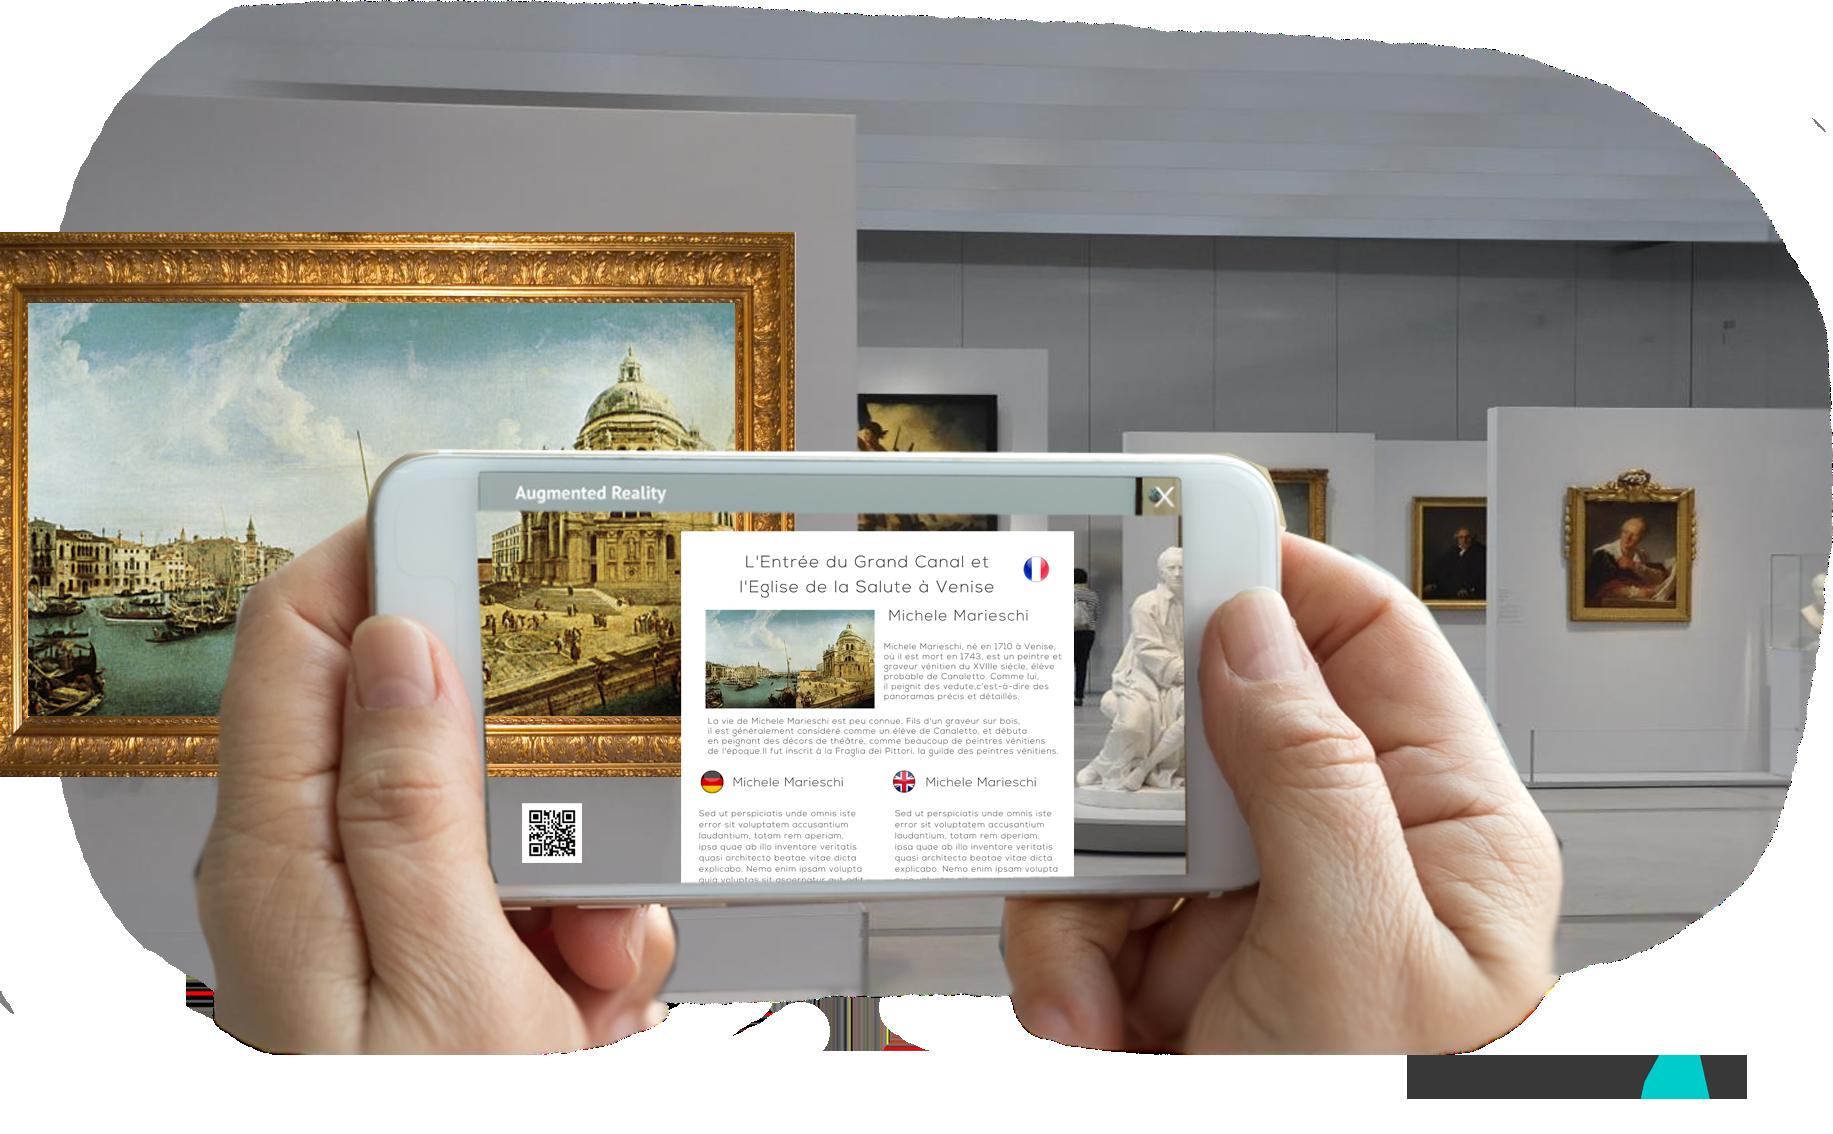 Réalité augmentée merchandising : musée et exposition